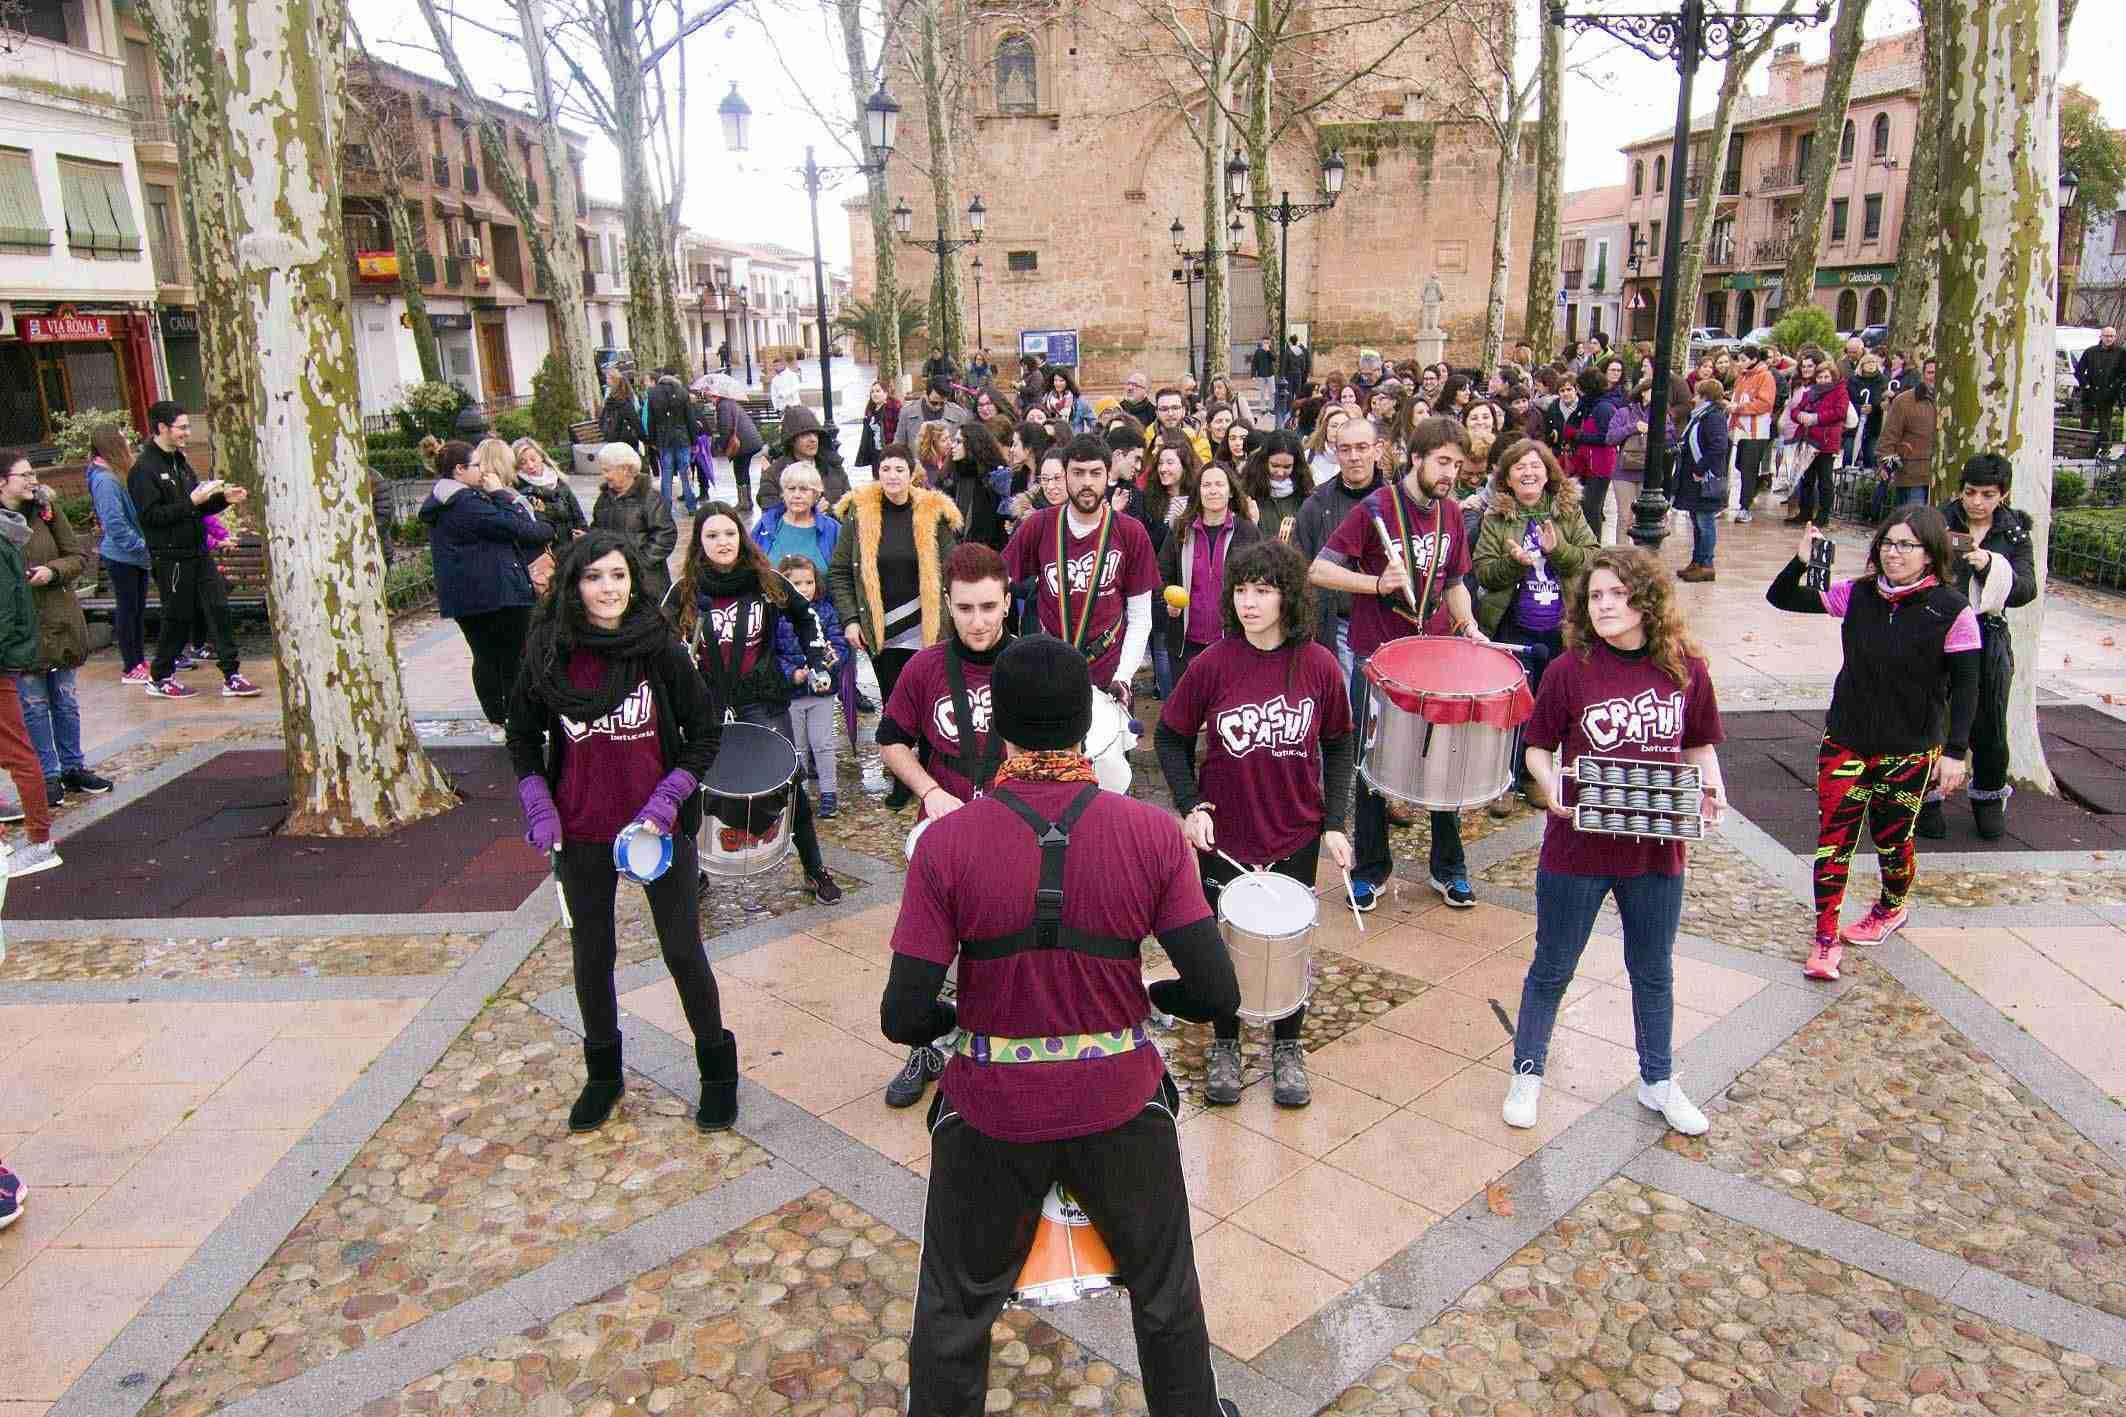 Argamasilla de Alba conmemora el 8M con una concentración por la igualdad 6